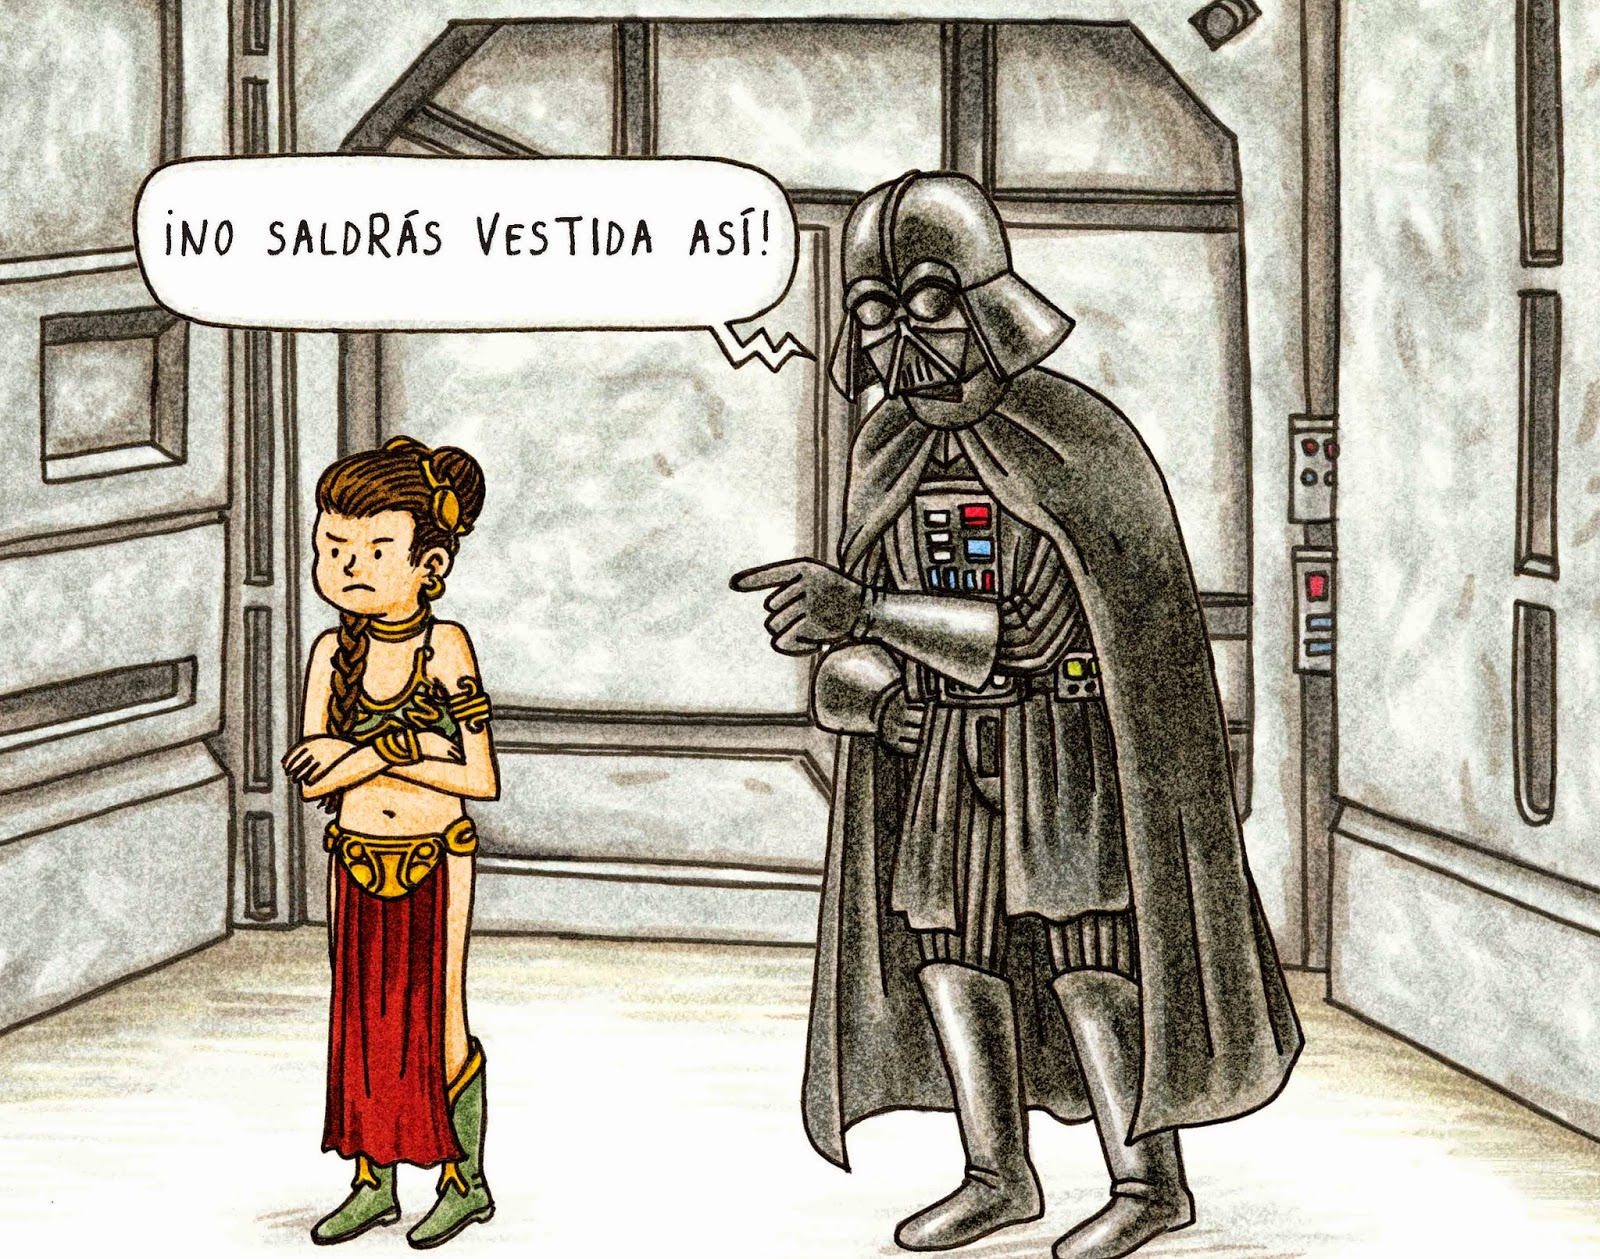 Darth Vader y su princesita  de Jefrey Brown, edita Planeta comic Star Wars comic humor